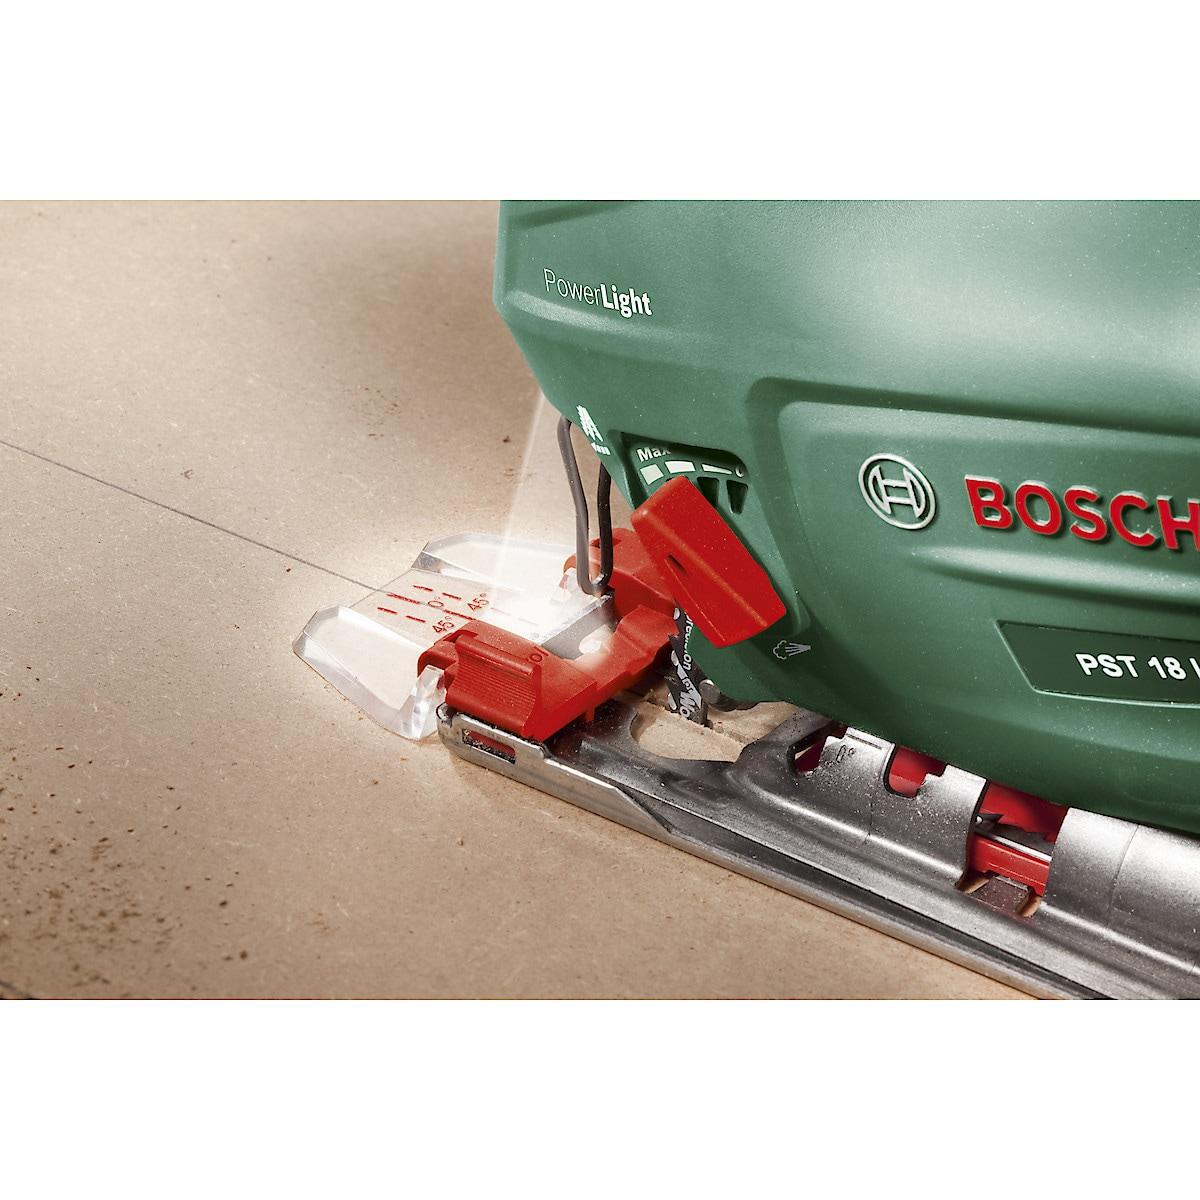 Sticksåg Bosch PST 18 LI